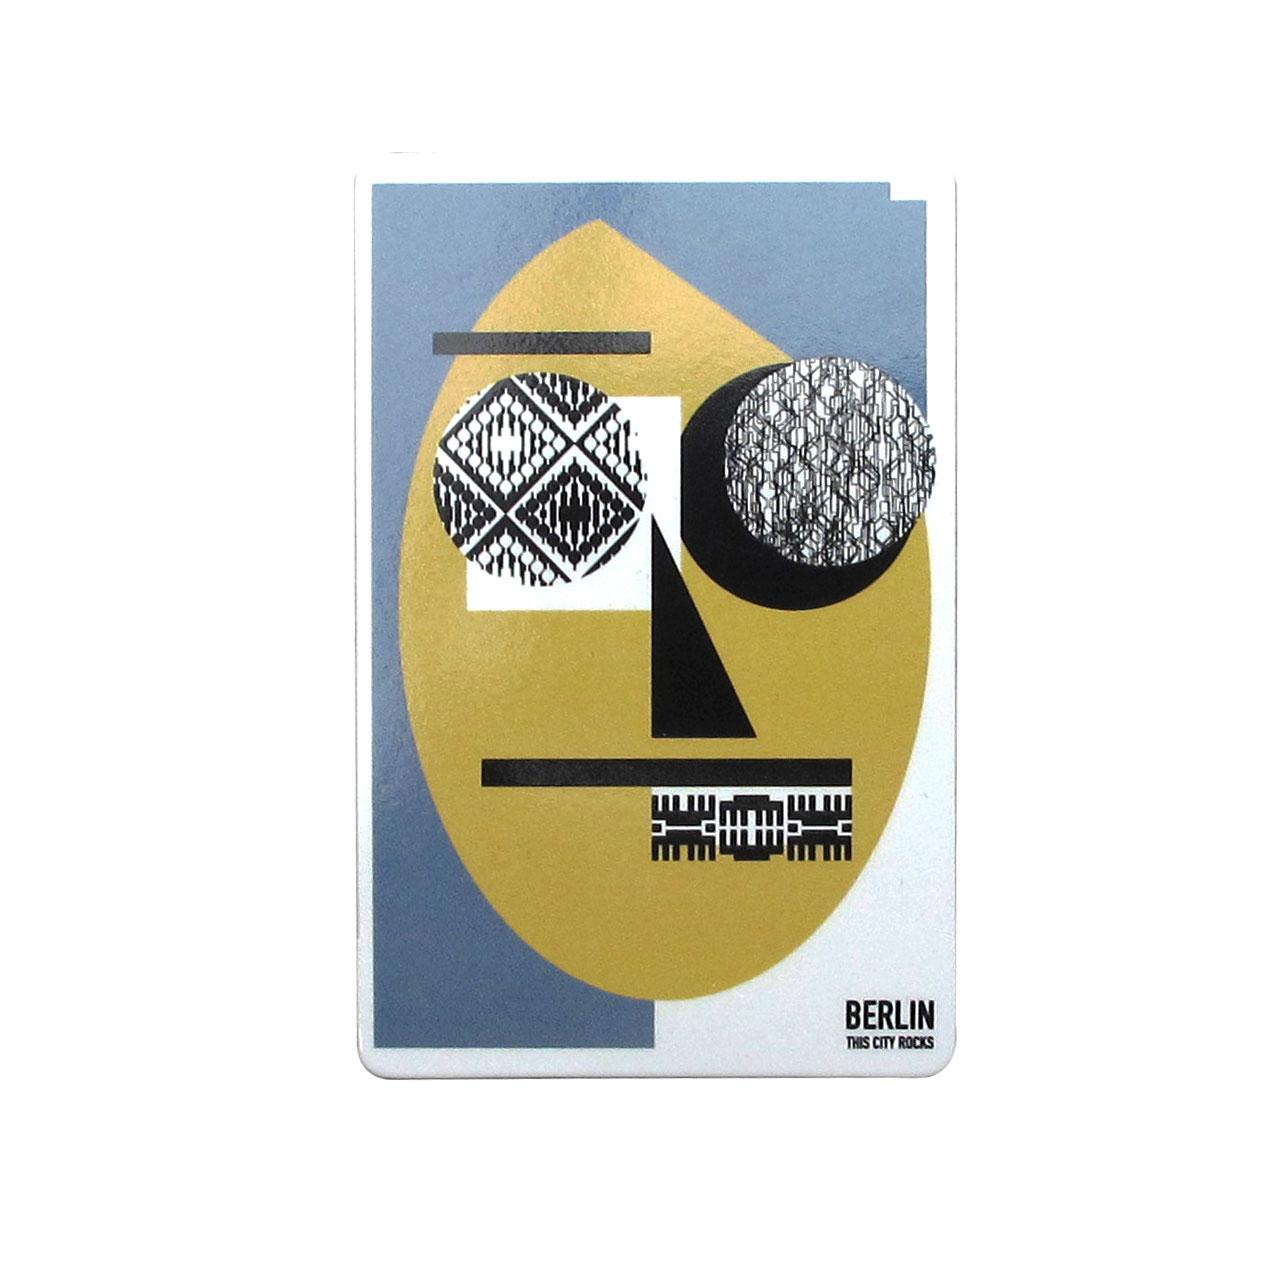 Berlinmagnet Face grau/gelb